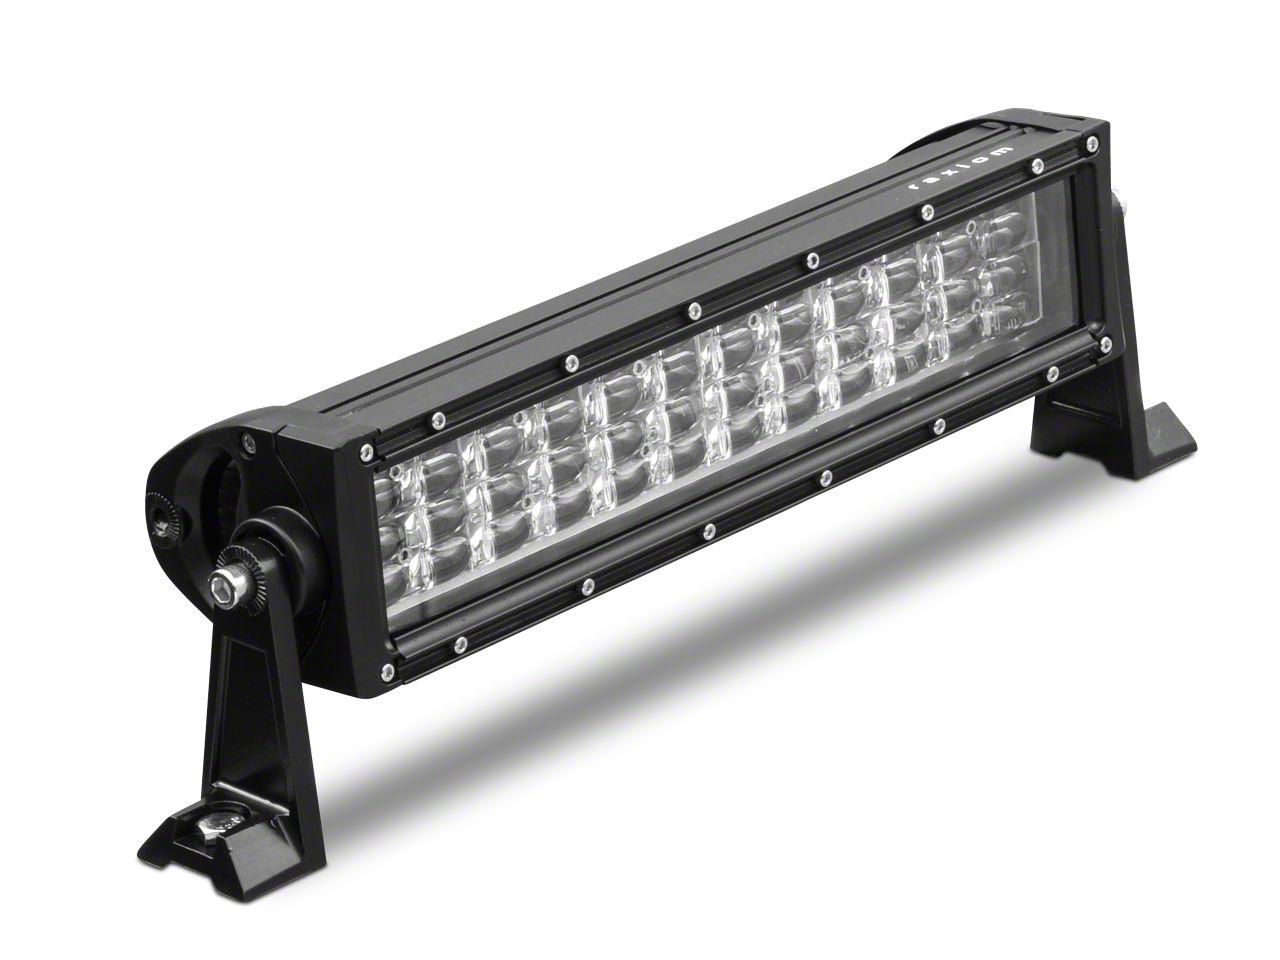 Raxiom 14 in. 4-Row High Power LED Light Bar - Spot/Spread Combo